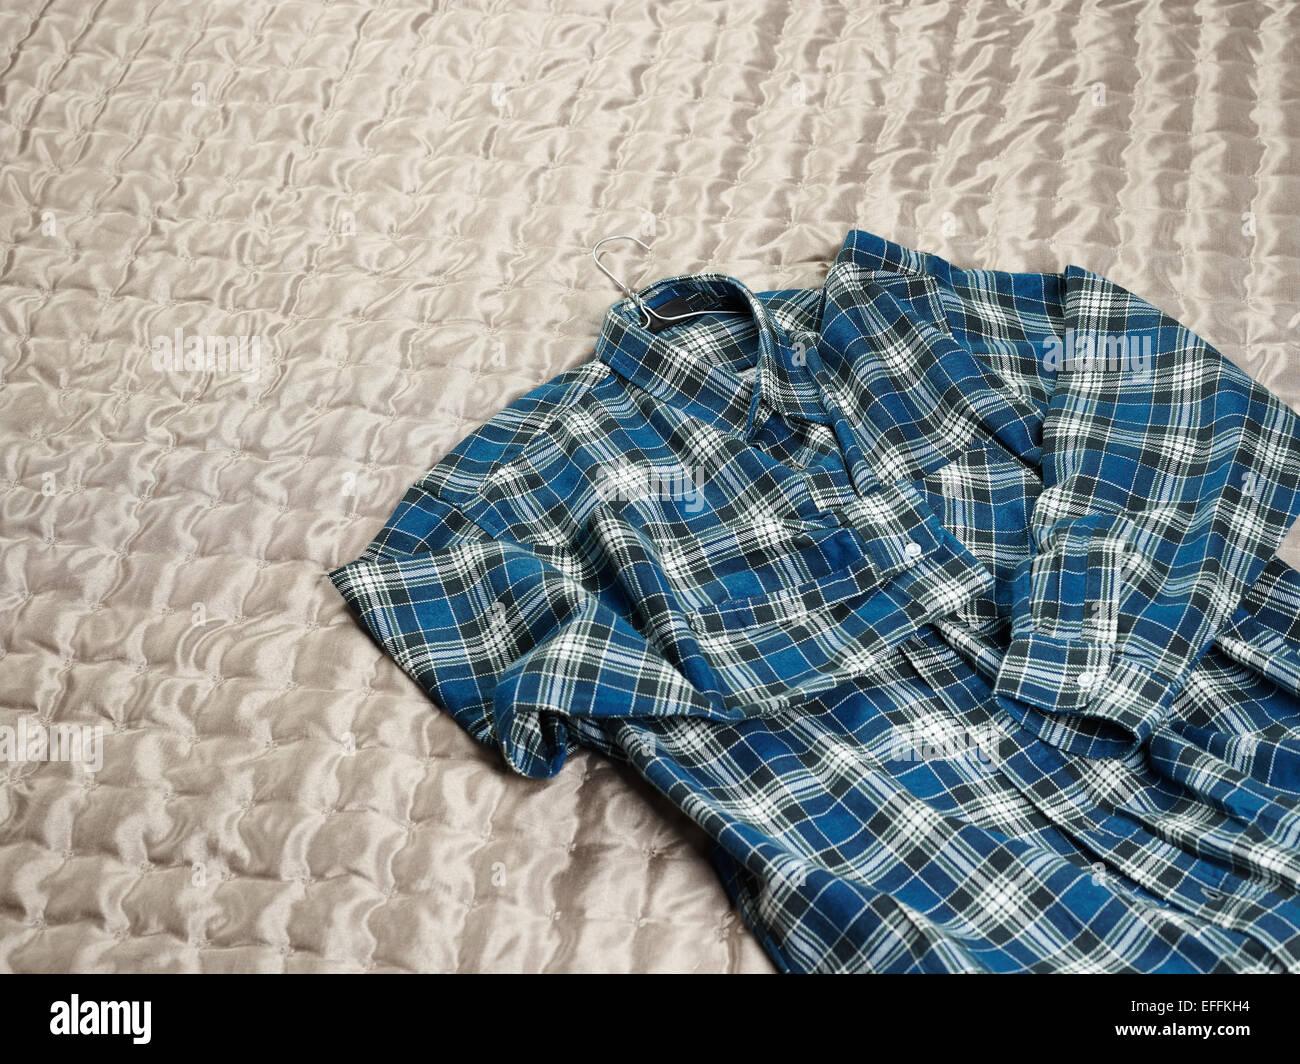 Uomini Casuale camicia a scacchi sul letto Immagini Stock